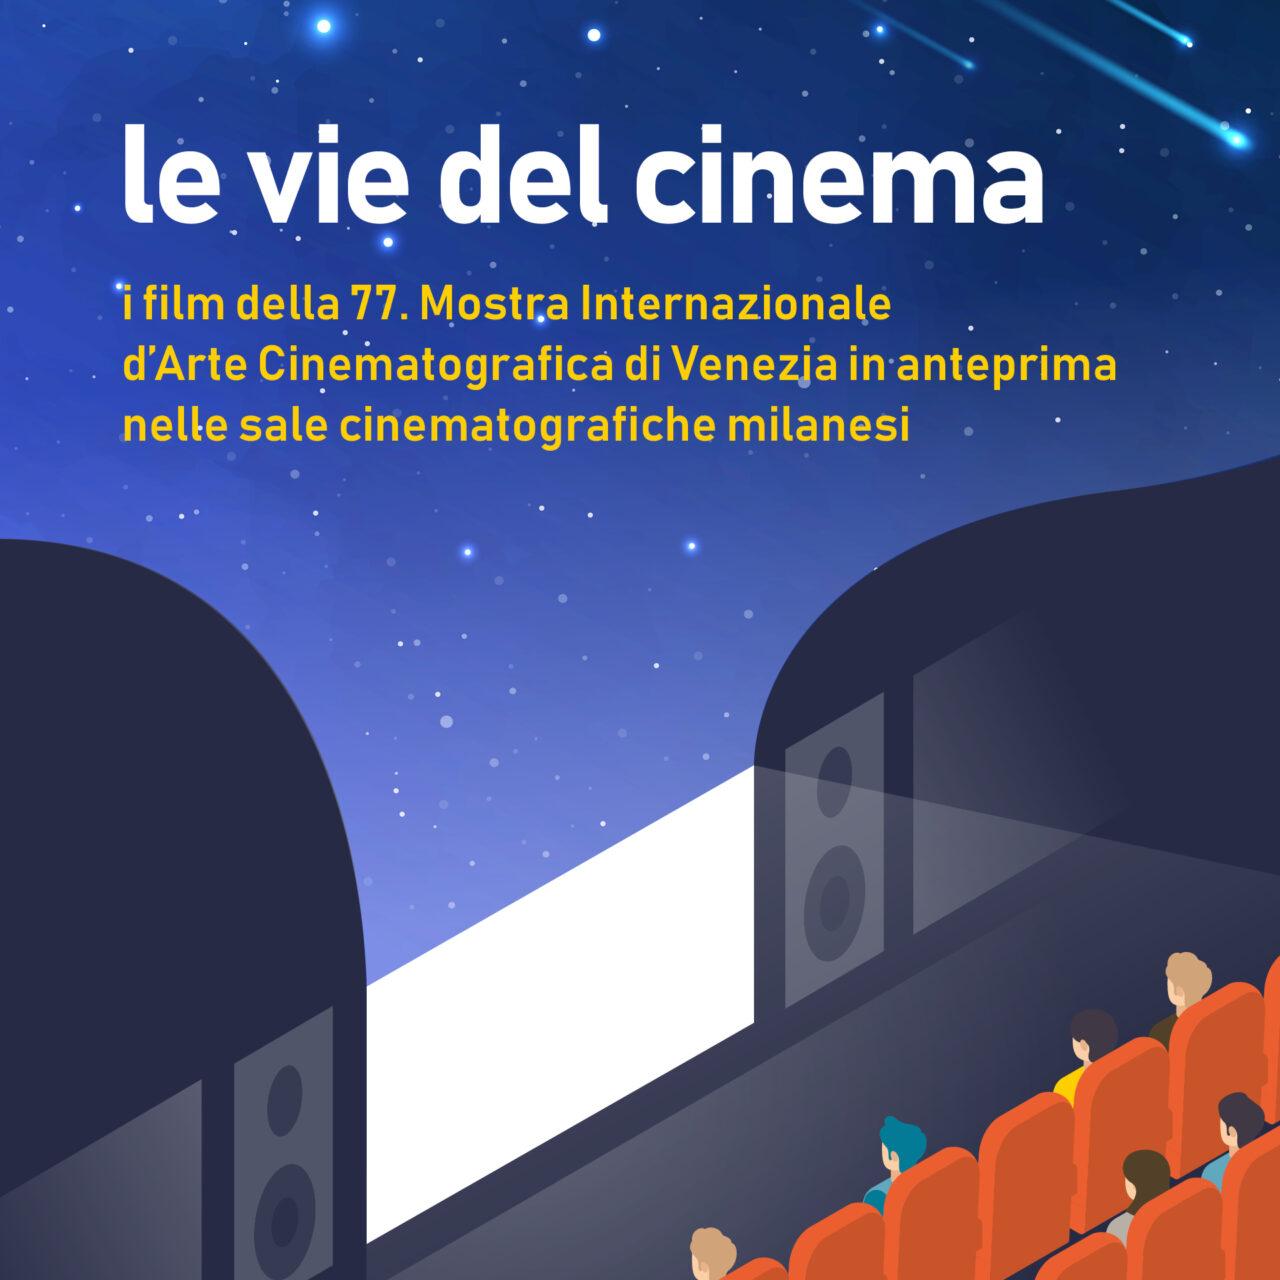 Teatro Martinitt: Mostra del Cinema di Venezia dal 26 al 30 settembre